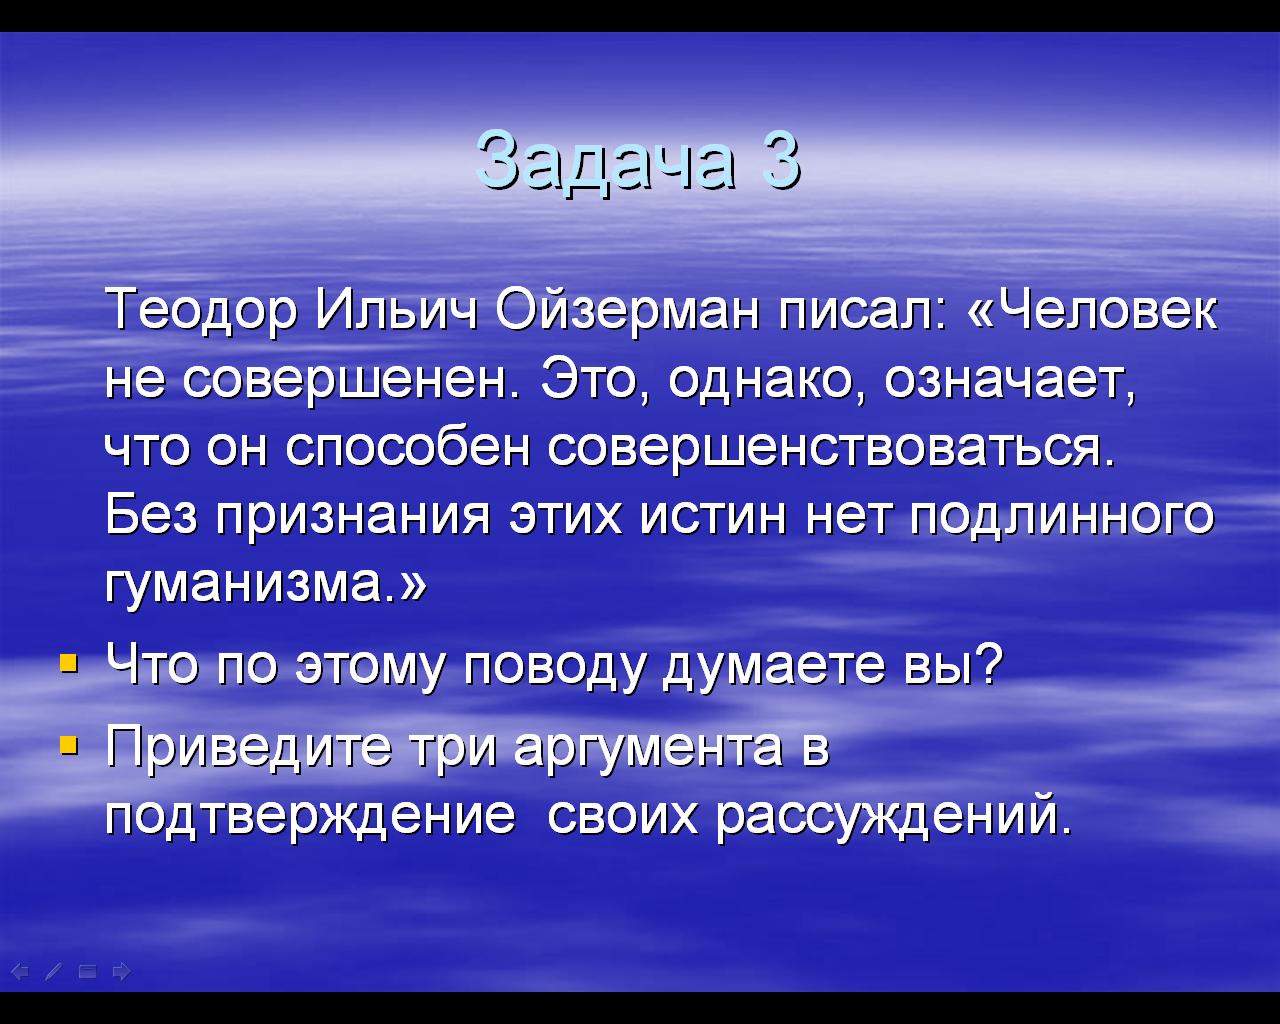 hello_html_m215e3e09.png